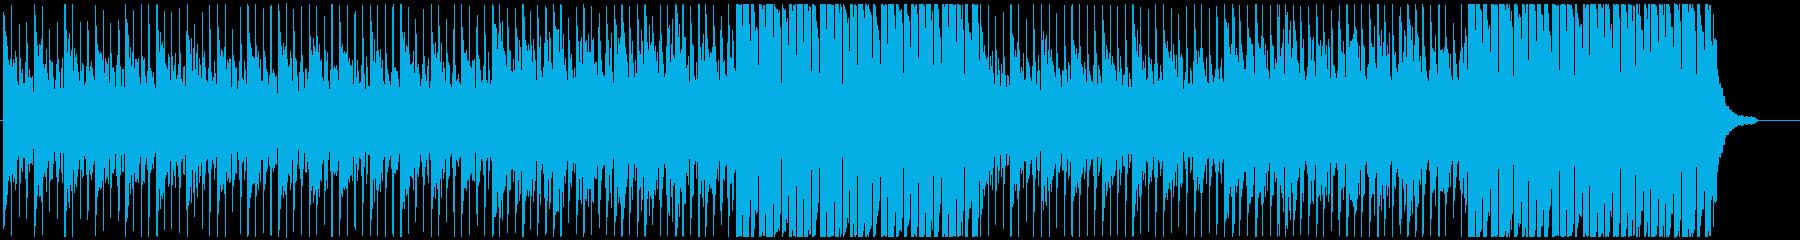 企業VPに 爽やかなバイオリンポップの再生済みの波形